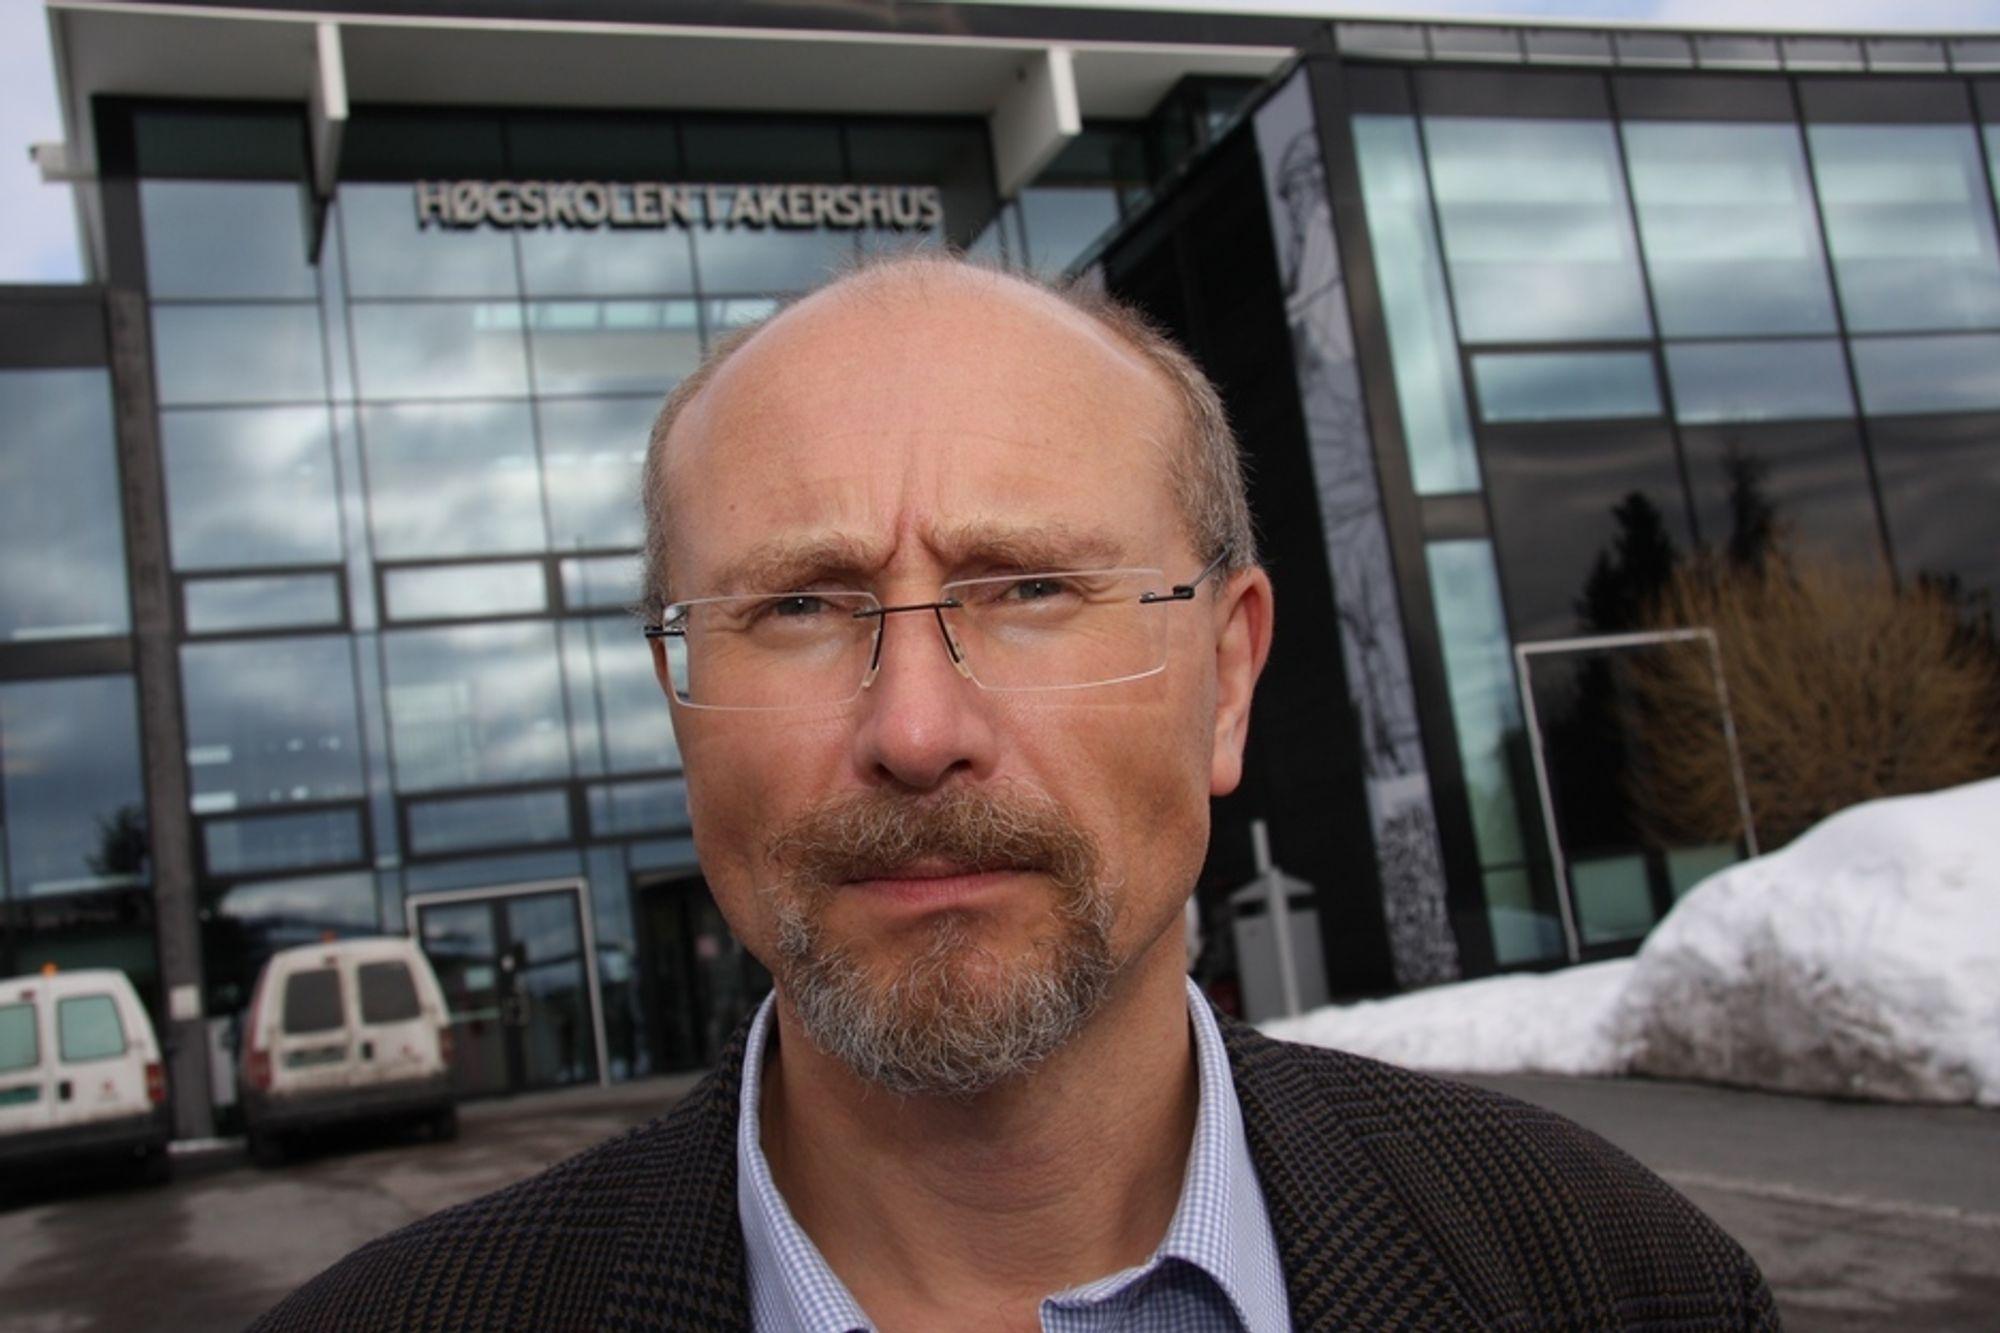 MER PÅ VEI: - Fem milliarder kroner mer på veibygging kan brukes årlig, sier førsteamanuensis ved Høgskolen i Akershus, Knut Boge.